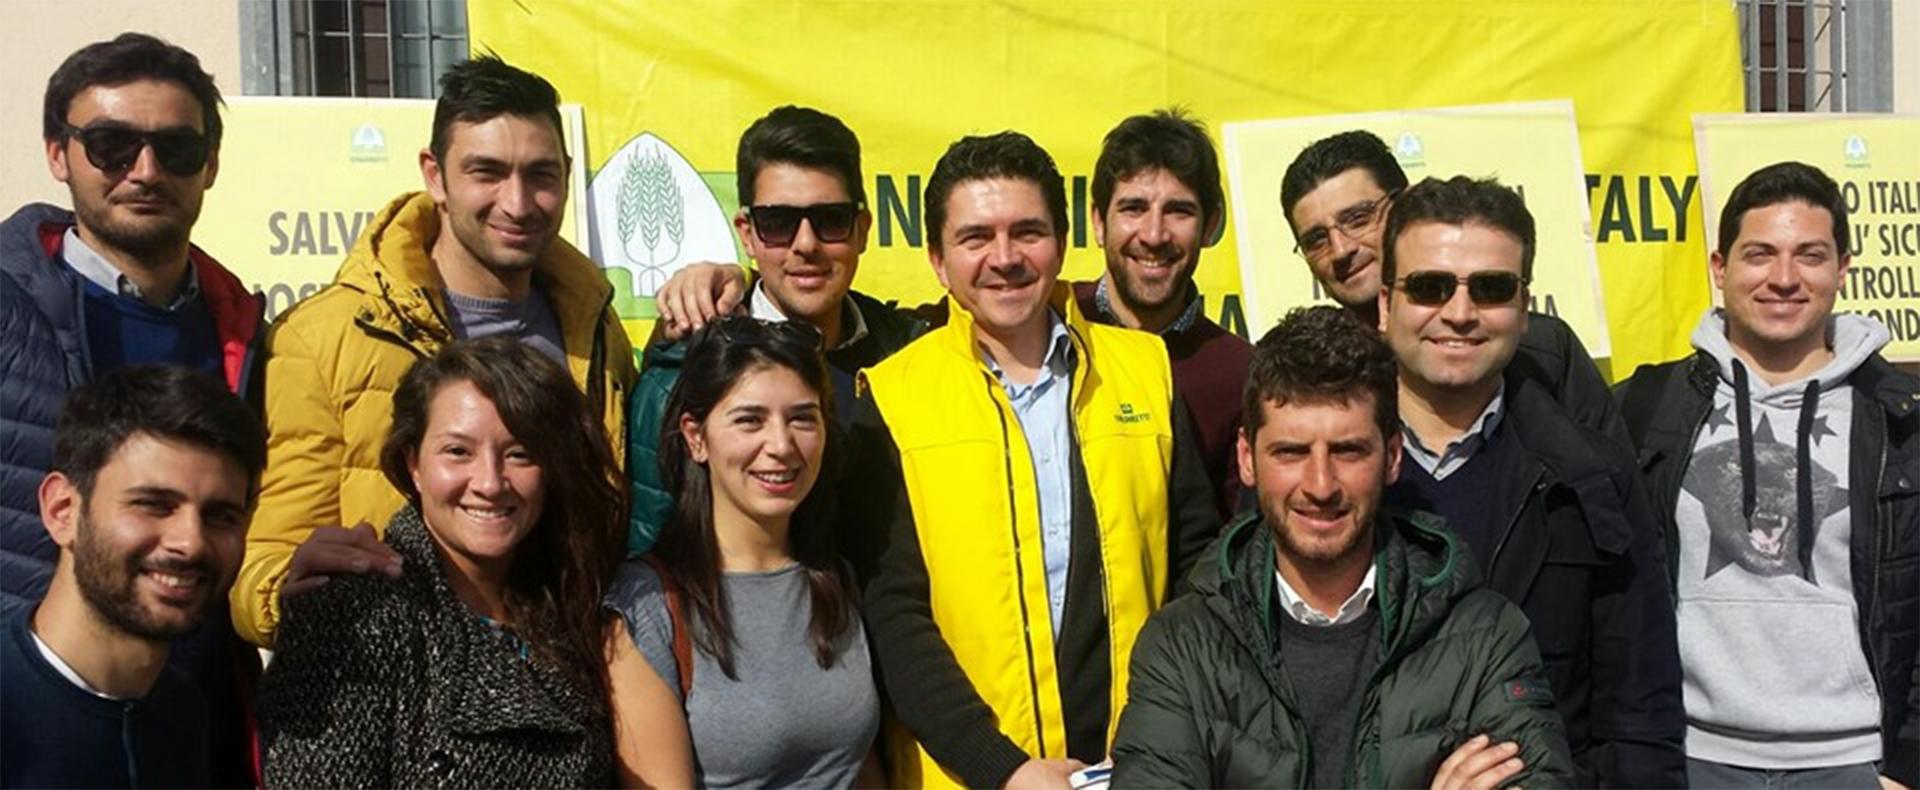 Gianni Cantele ends his mandate as Coldiretti Puglia president